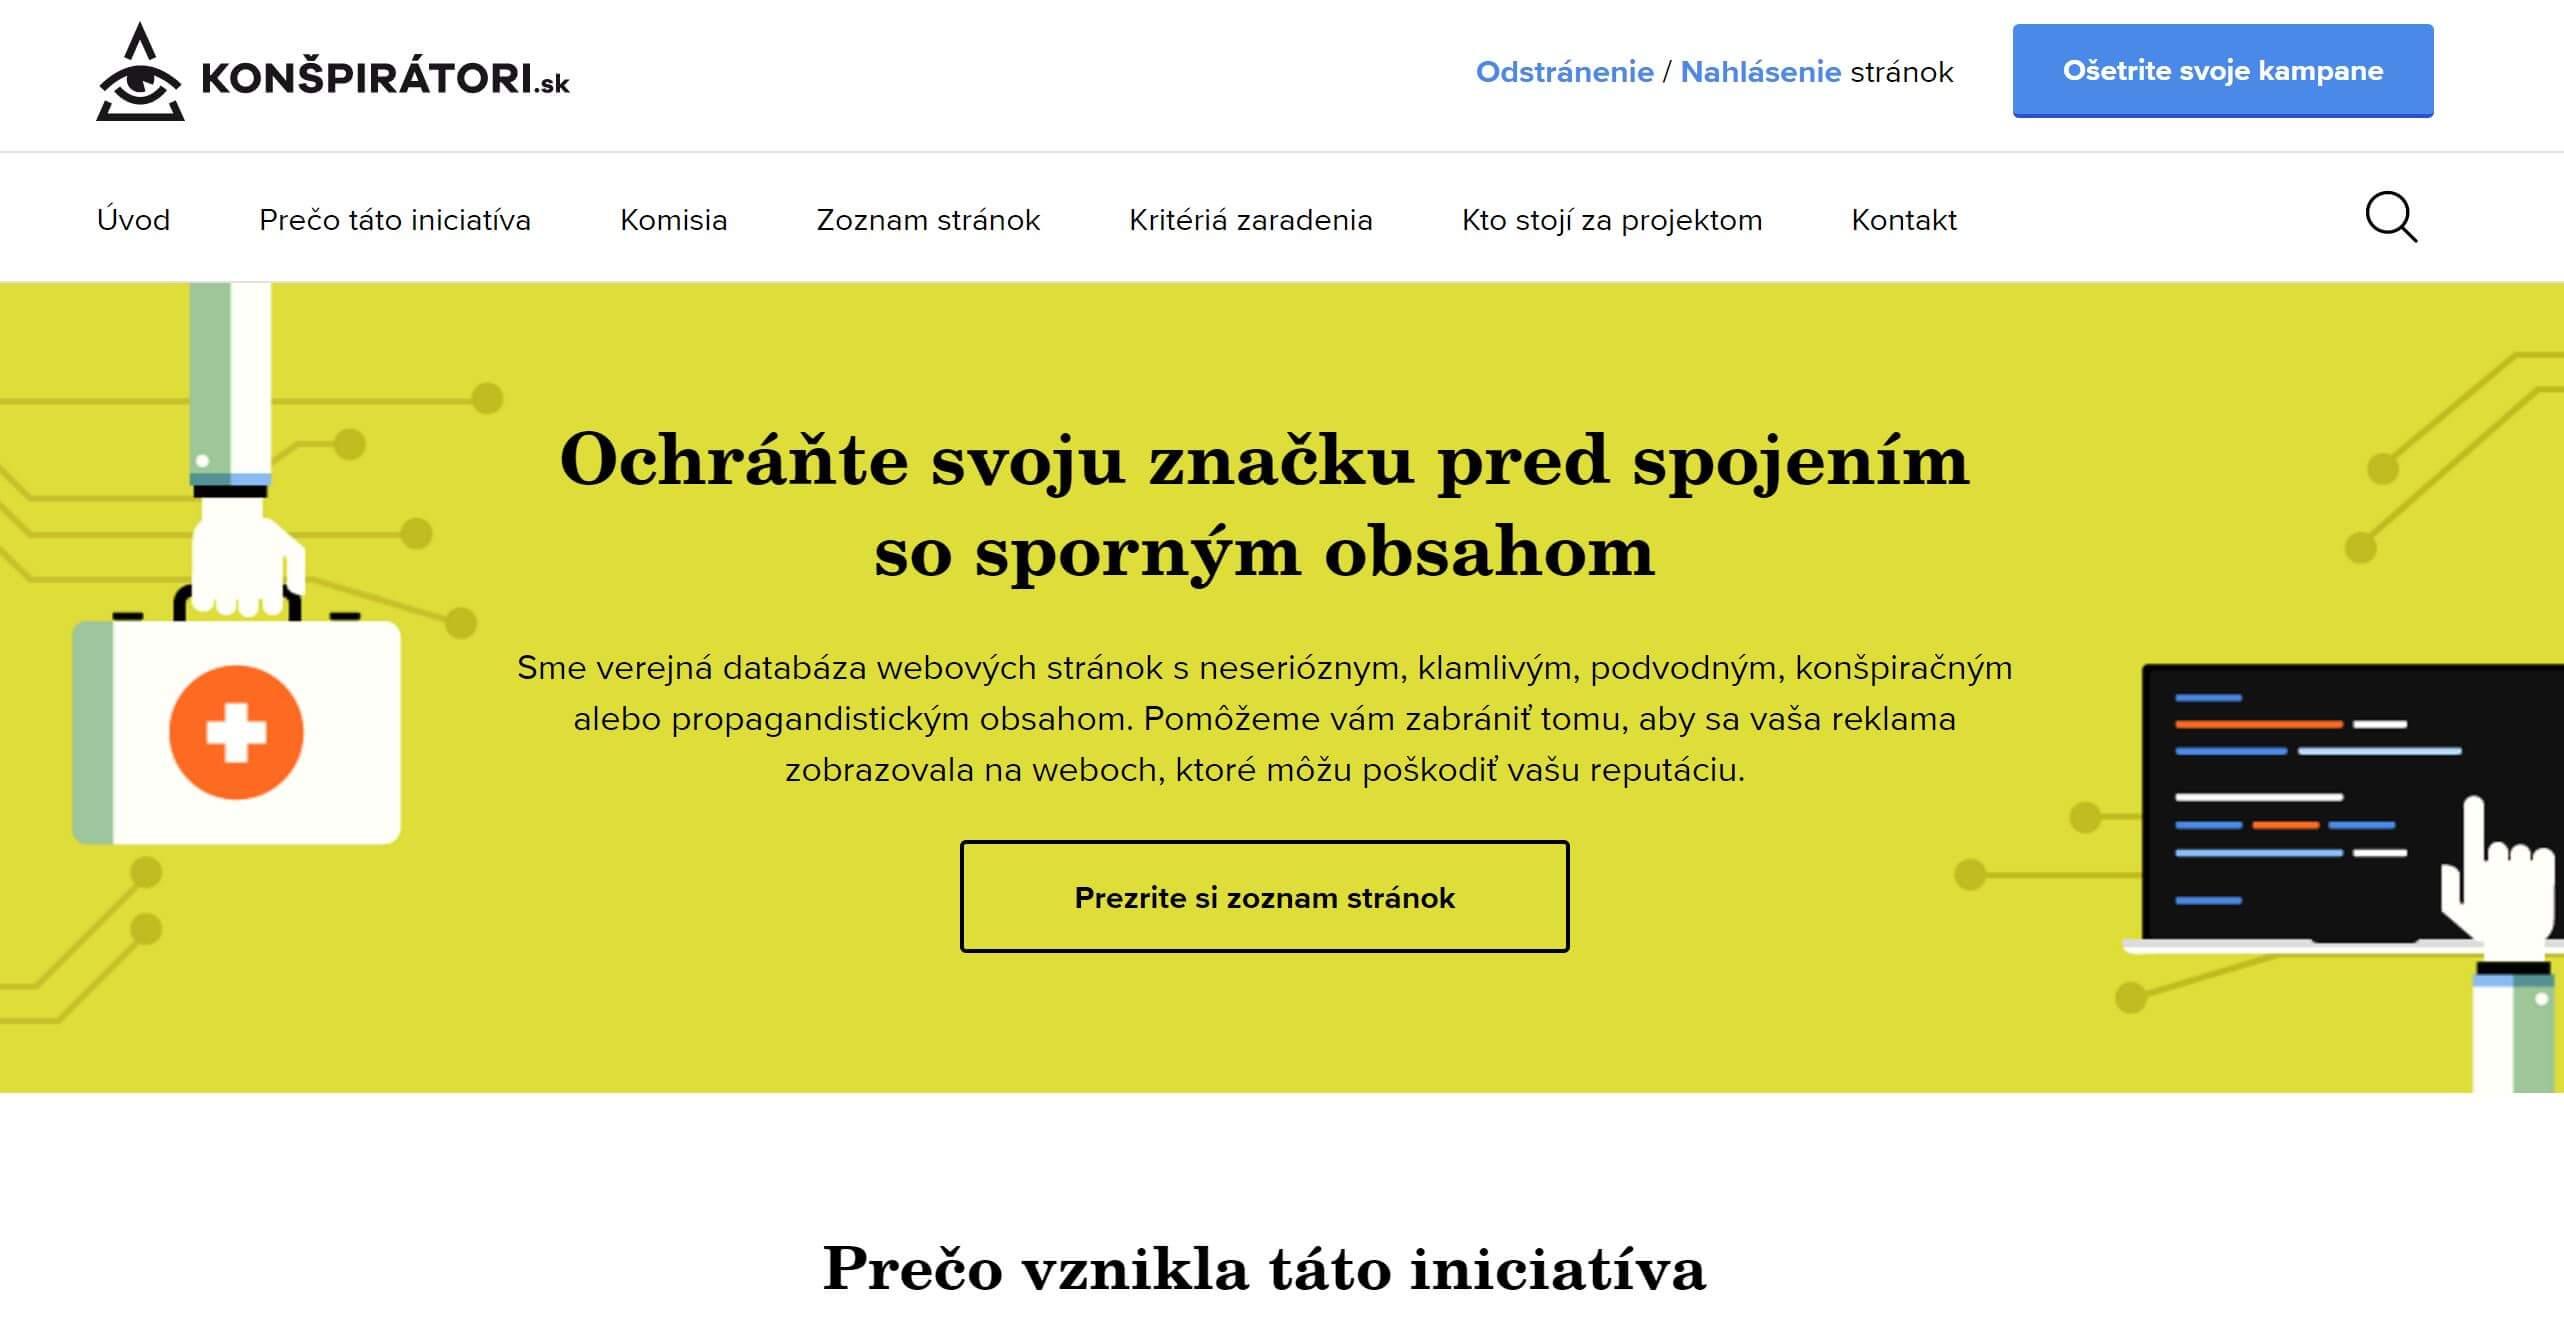 Webstránka konšpirátori